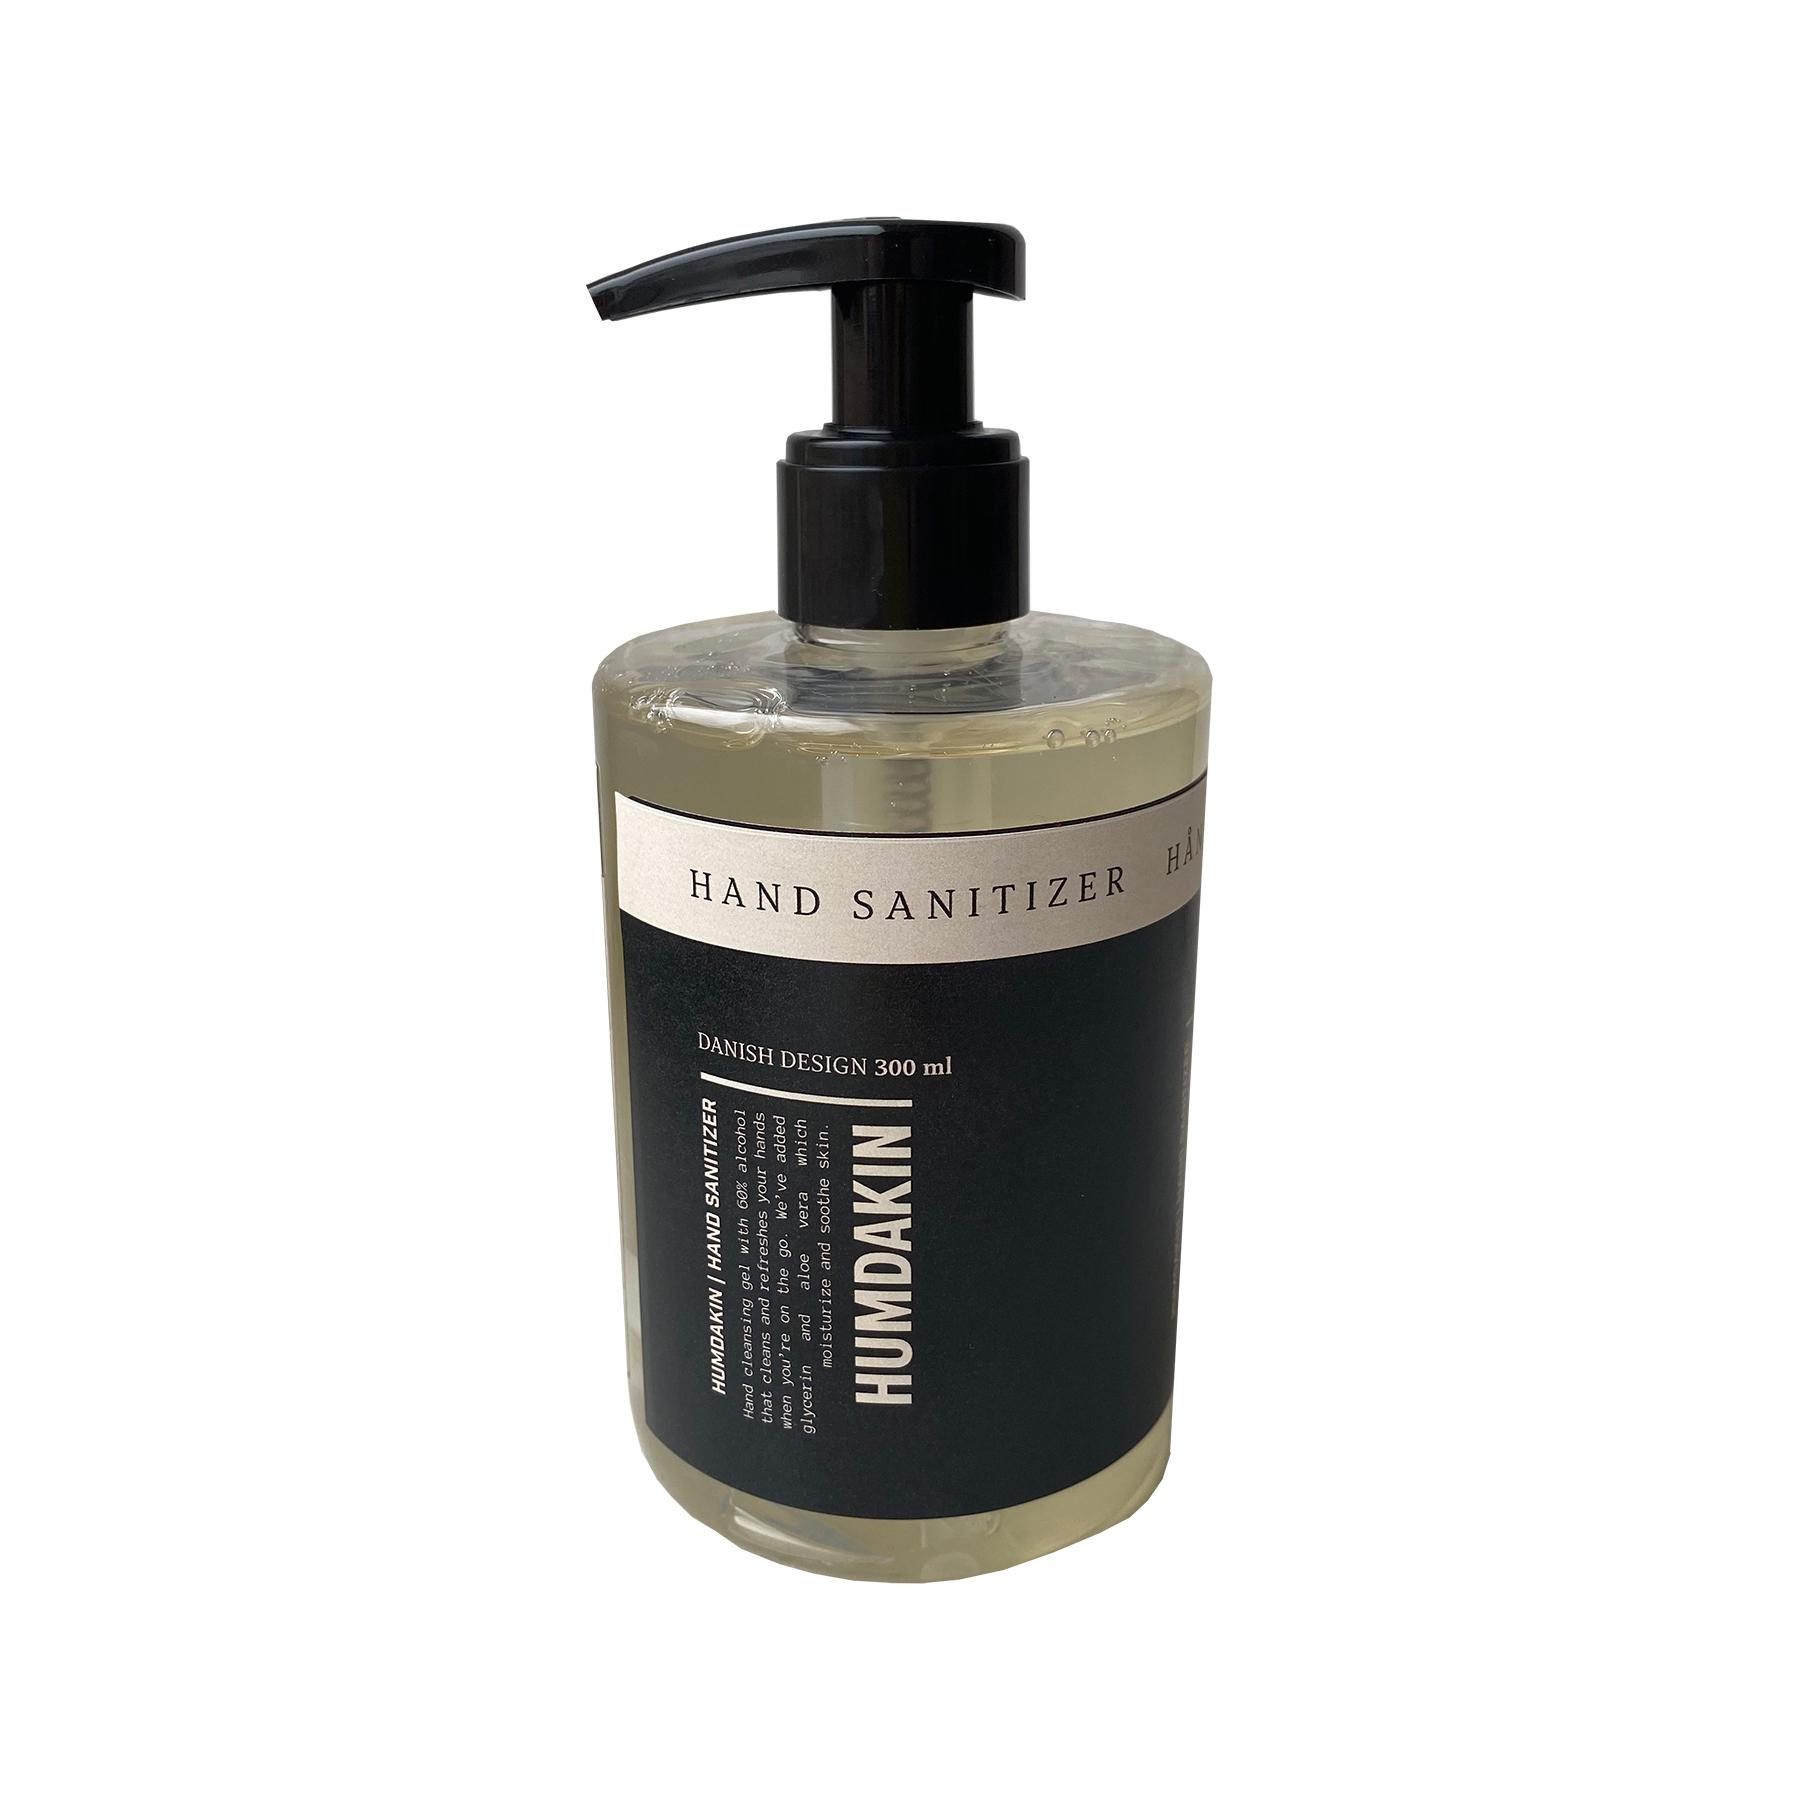 Hand Sanitizer (300ml)